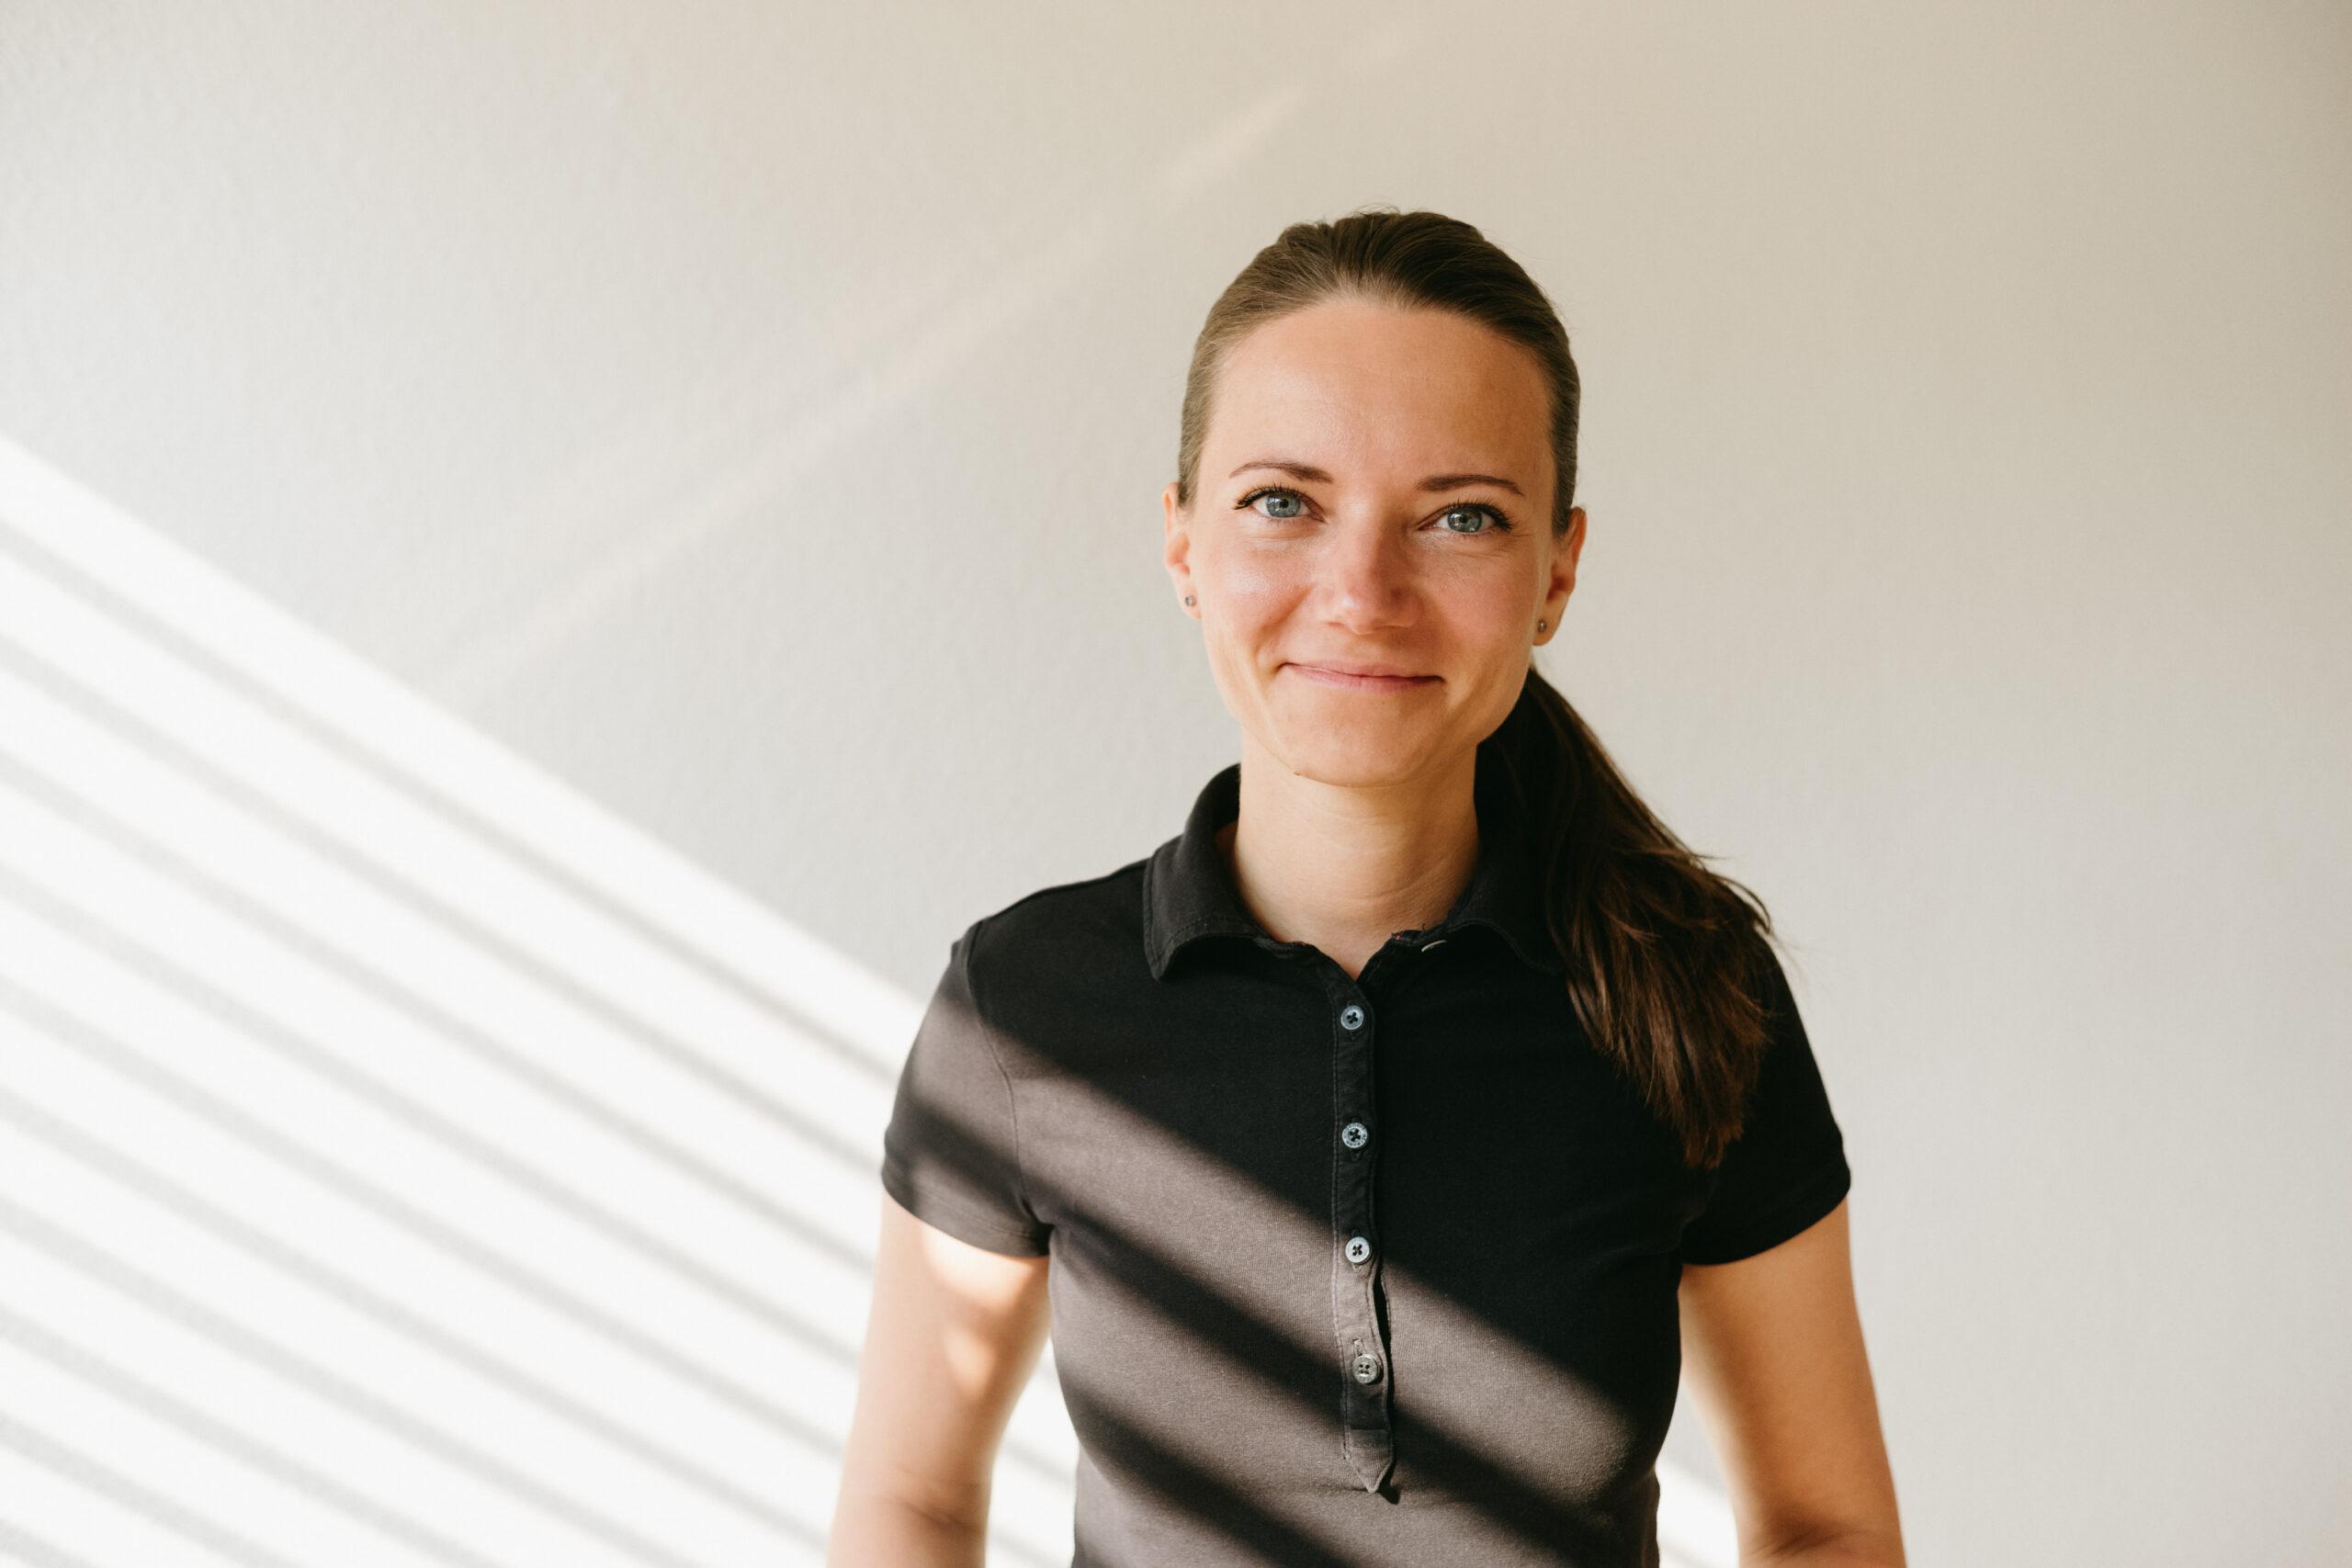 Caroline Siegert-Kucharzewski